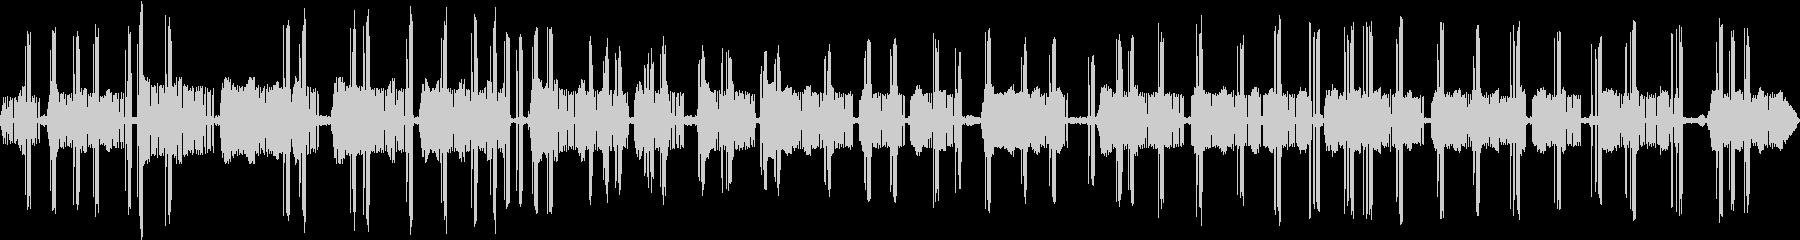 マツムシとコオロギの鳴き声 ピッ・ピリリの未再生の波形